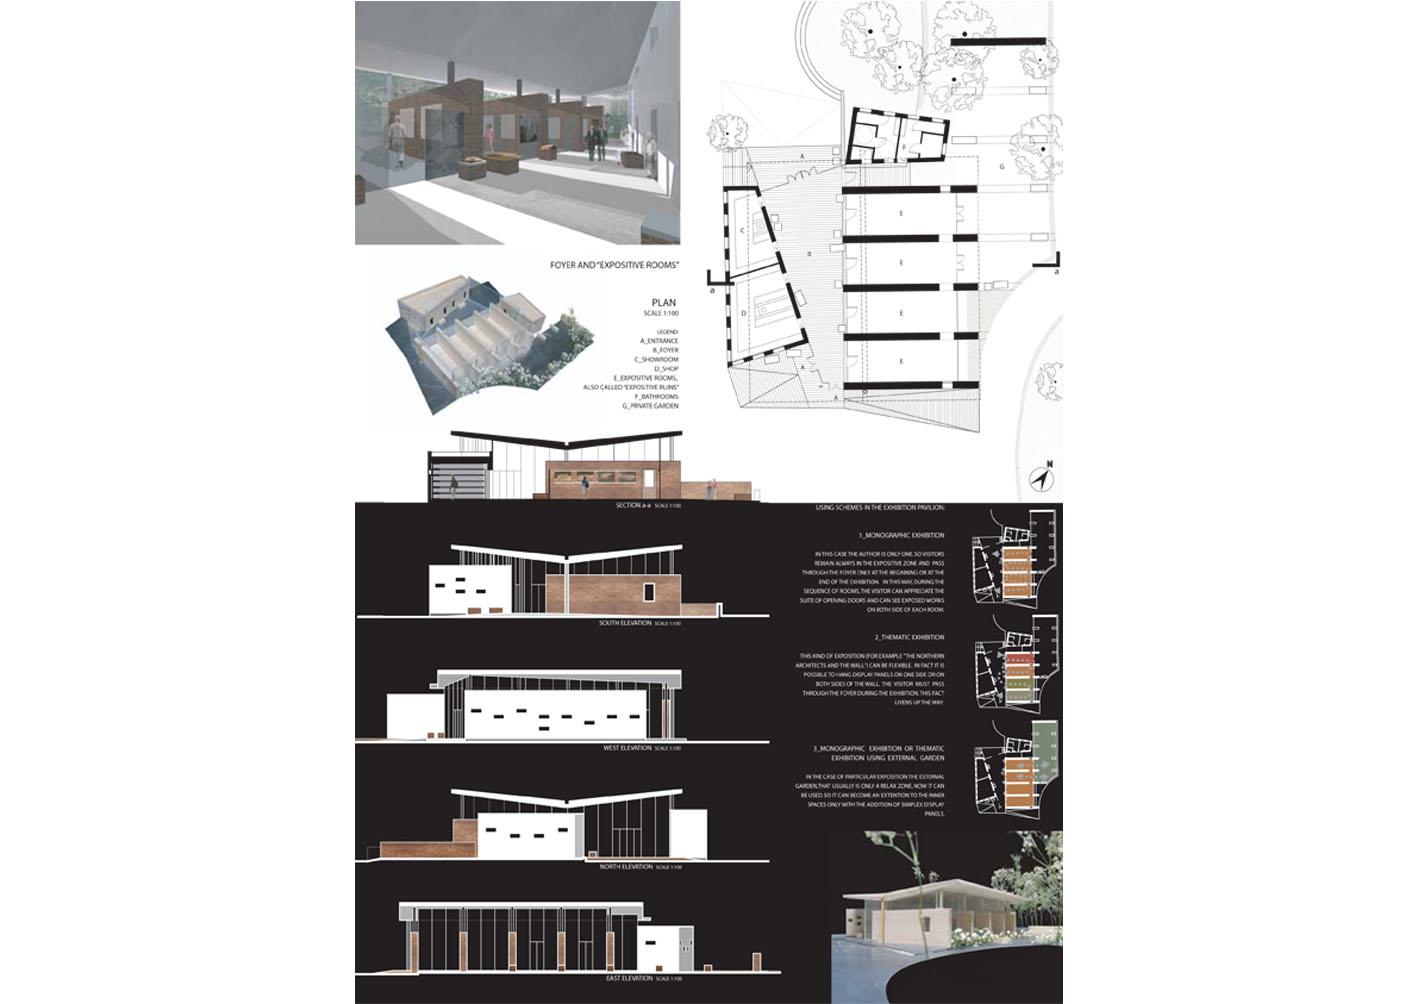 Concorso di idee padiglione hyspalit a venezia interno4 - Tavole di concorso architettura ...